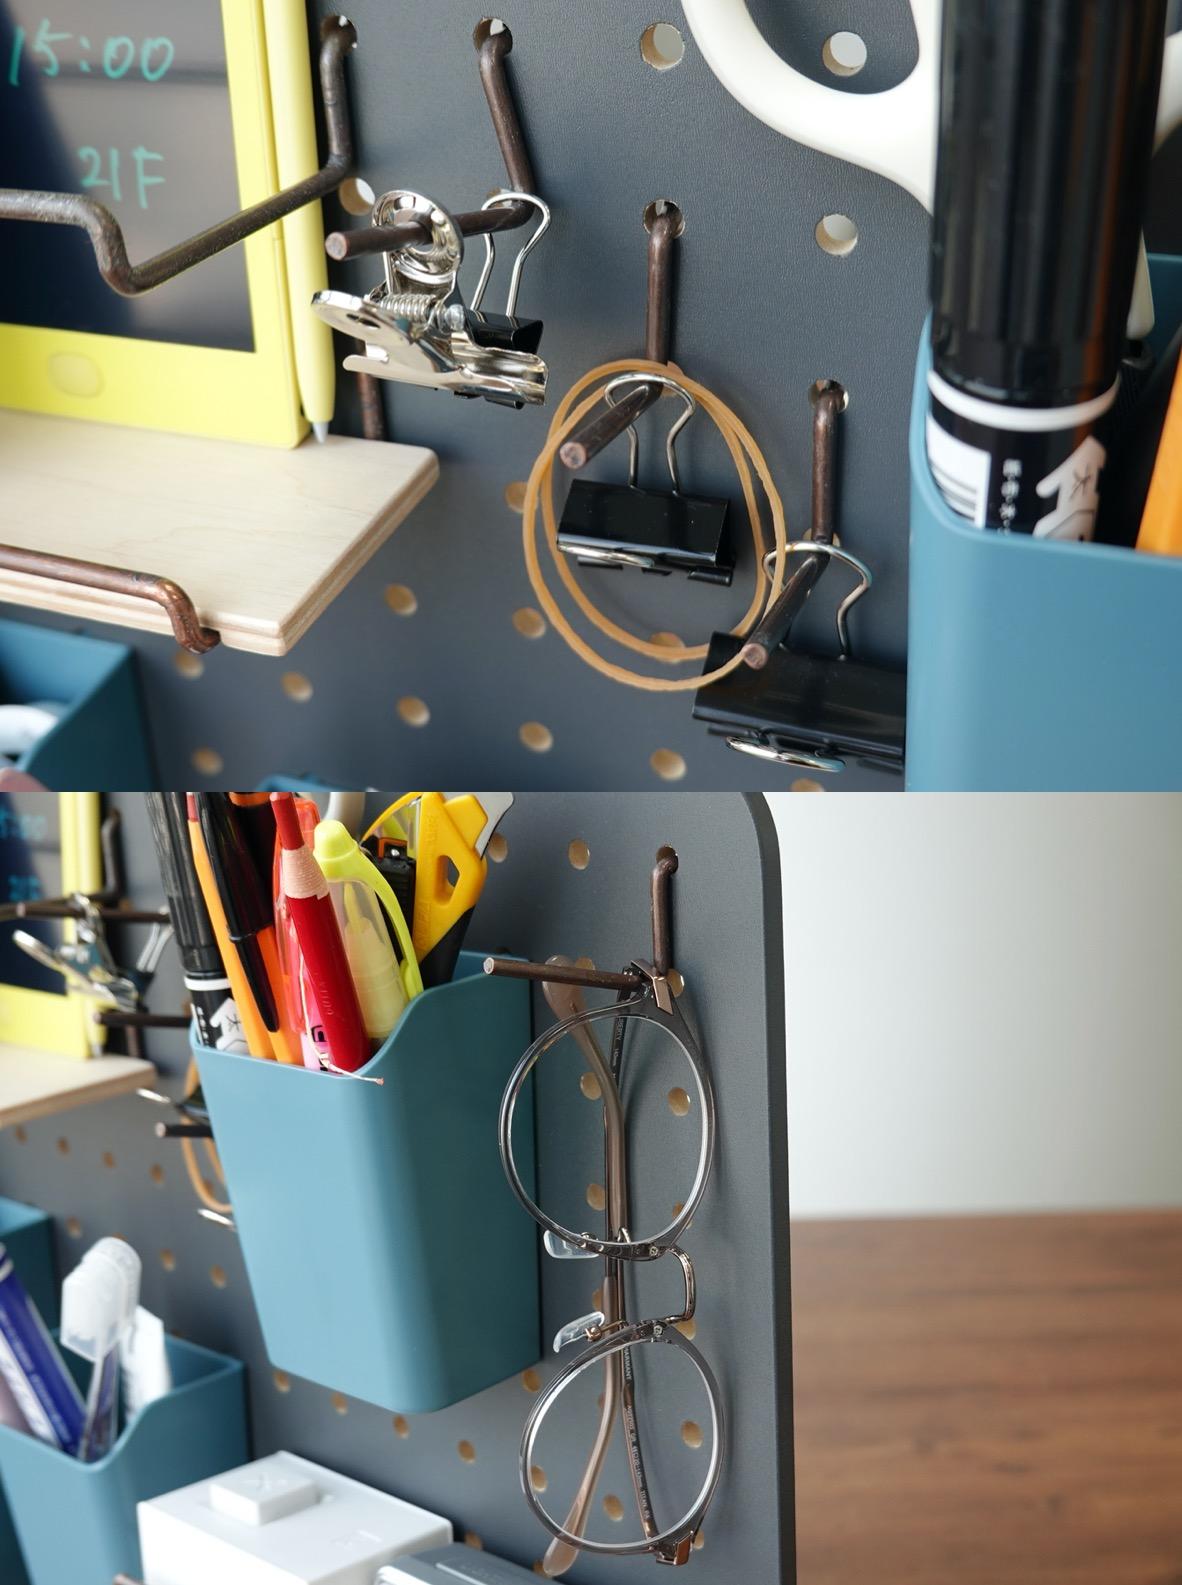 ↑輪ゴムやクリップはボックスに入れると取りにくく、埃も溜まりやすい。こうしてL字フックにかければ量も把握できるなどメリットは多い。またメガネも、レンズ部分を接触させたくないためL字フックにぶら下げた